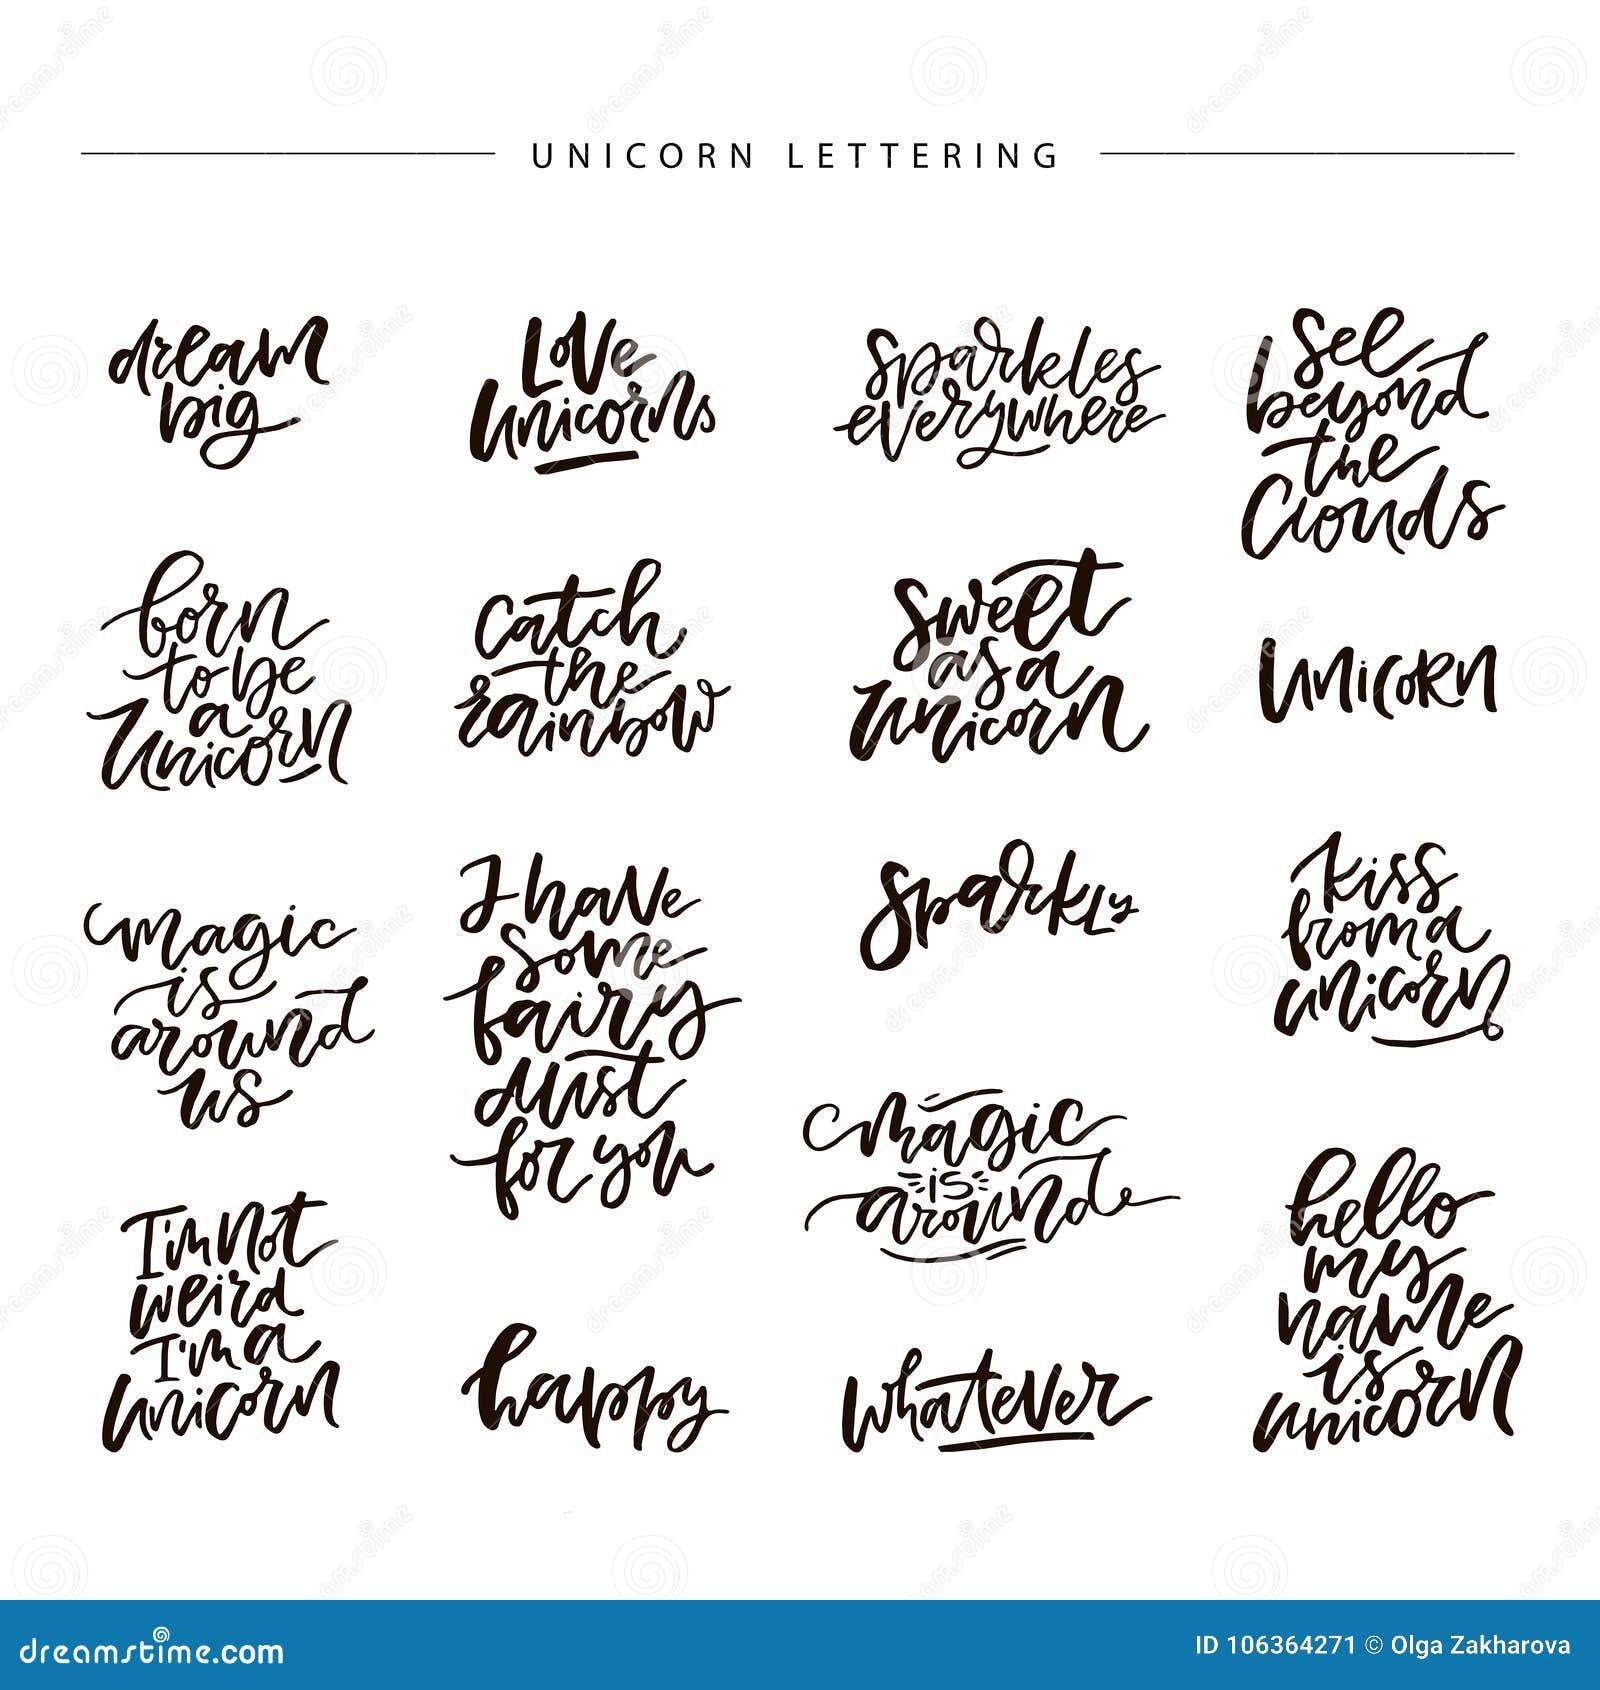 Unicorn Vector Lettering Stock Vector Illustration Of Unique